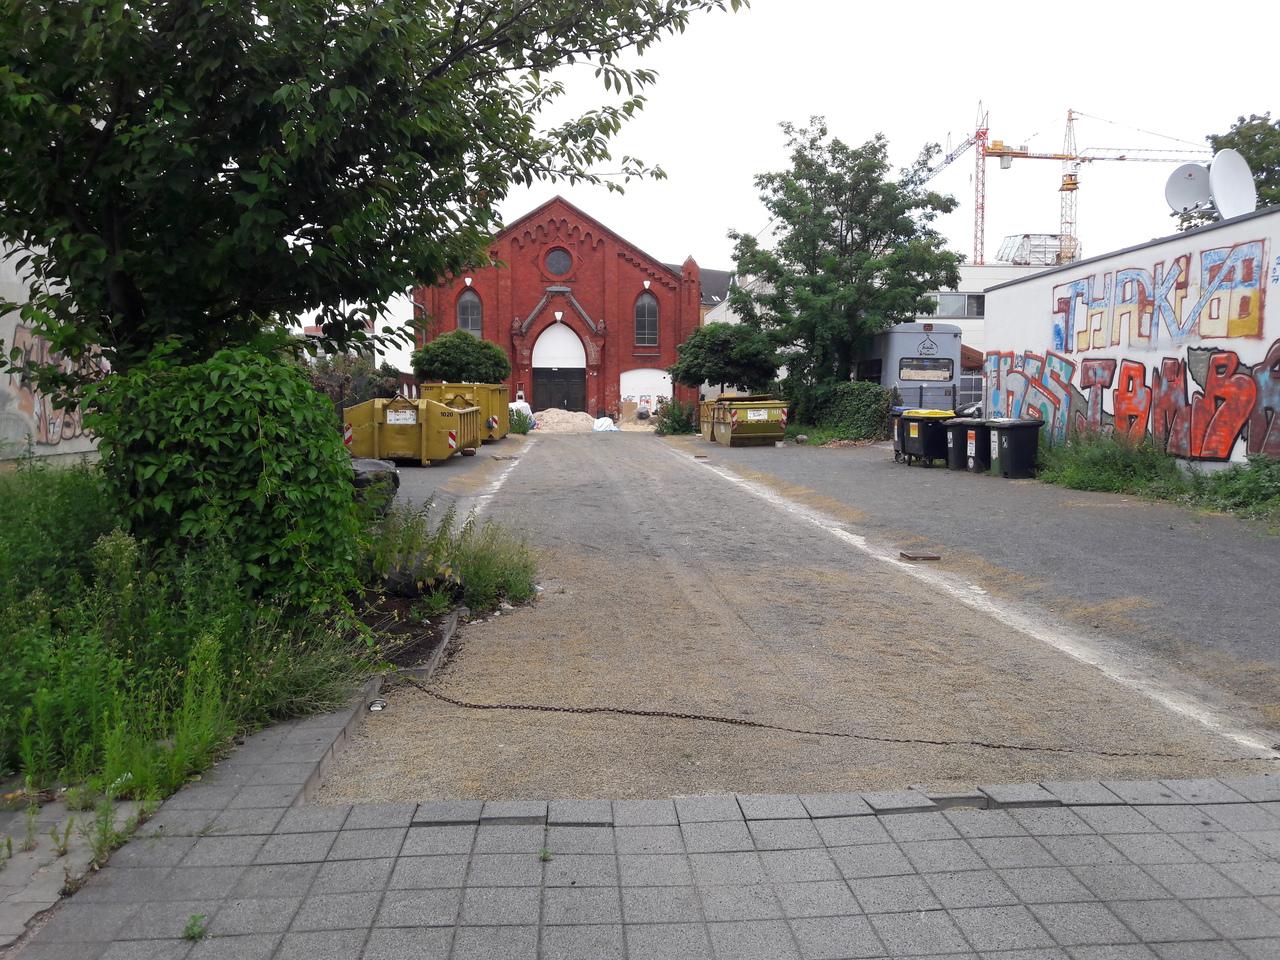 baptisten-kirche-weddjvkep.jpg